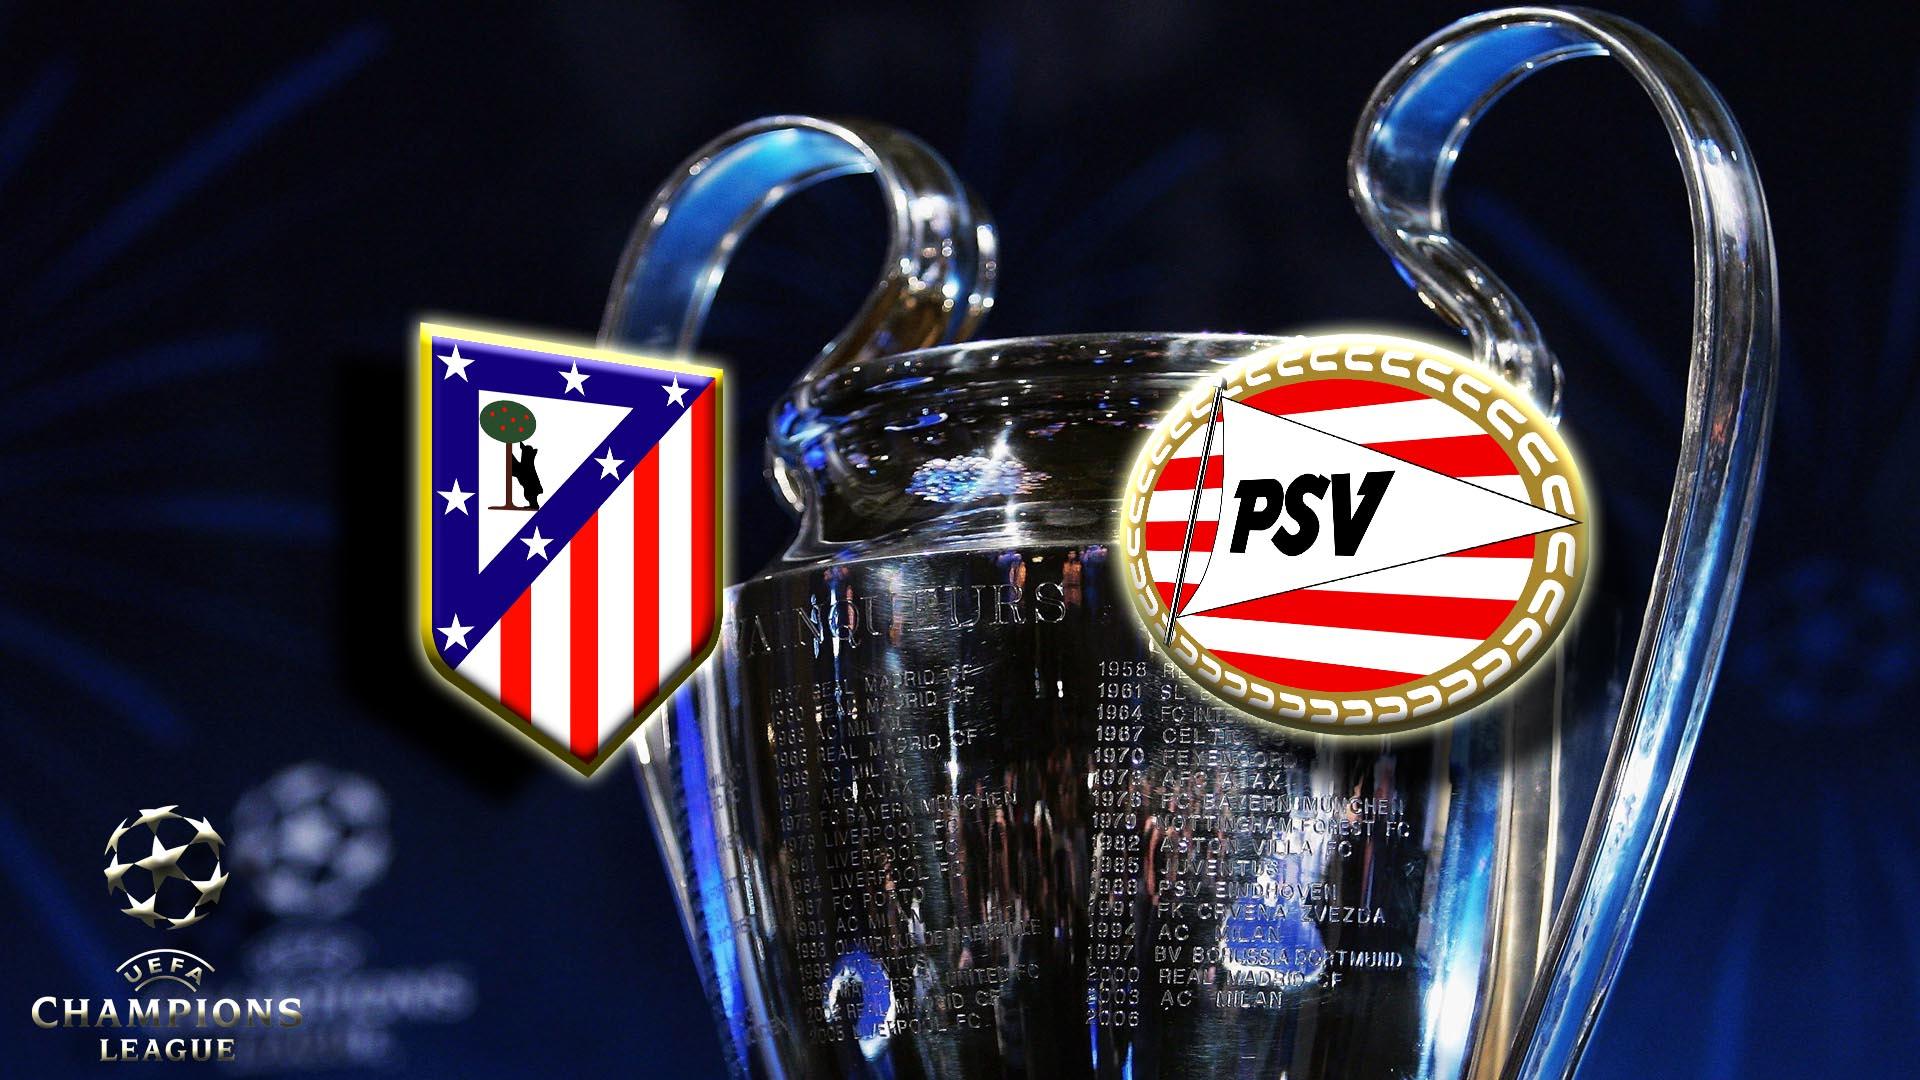 Прогноз на матч Атлетико Мадрид - ПСВ 15 марта 2016